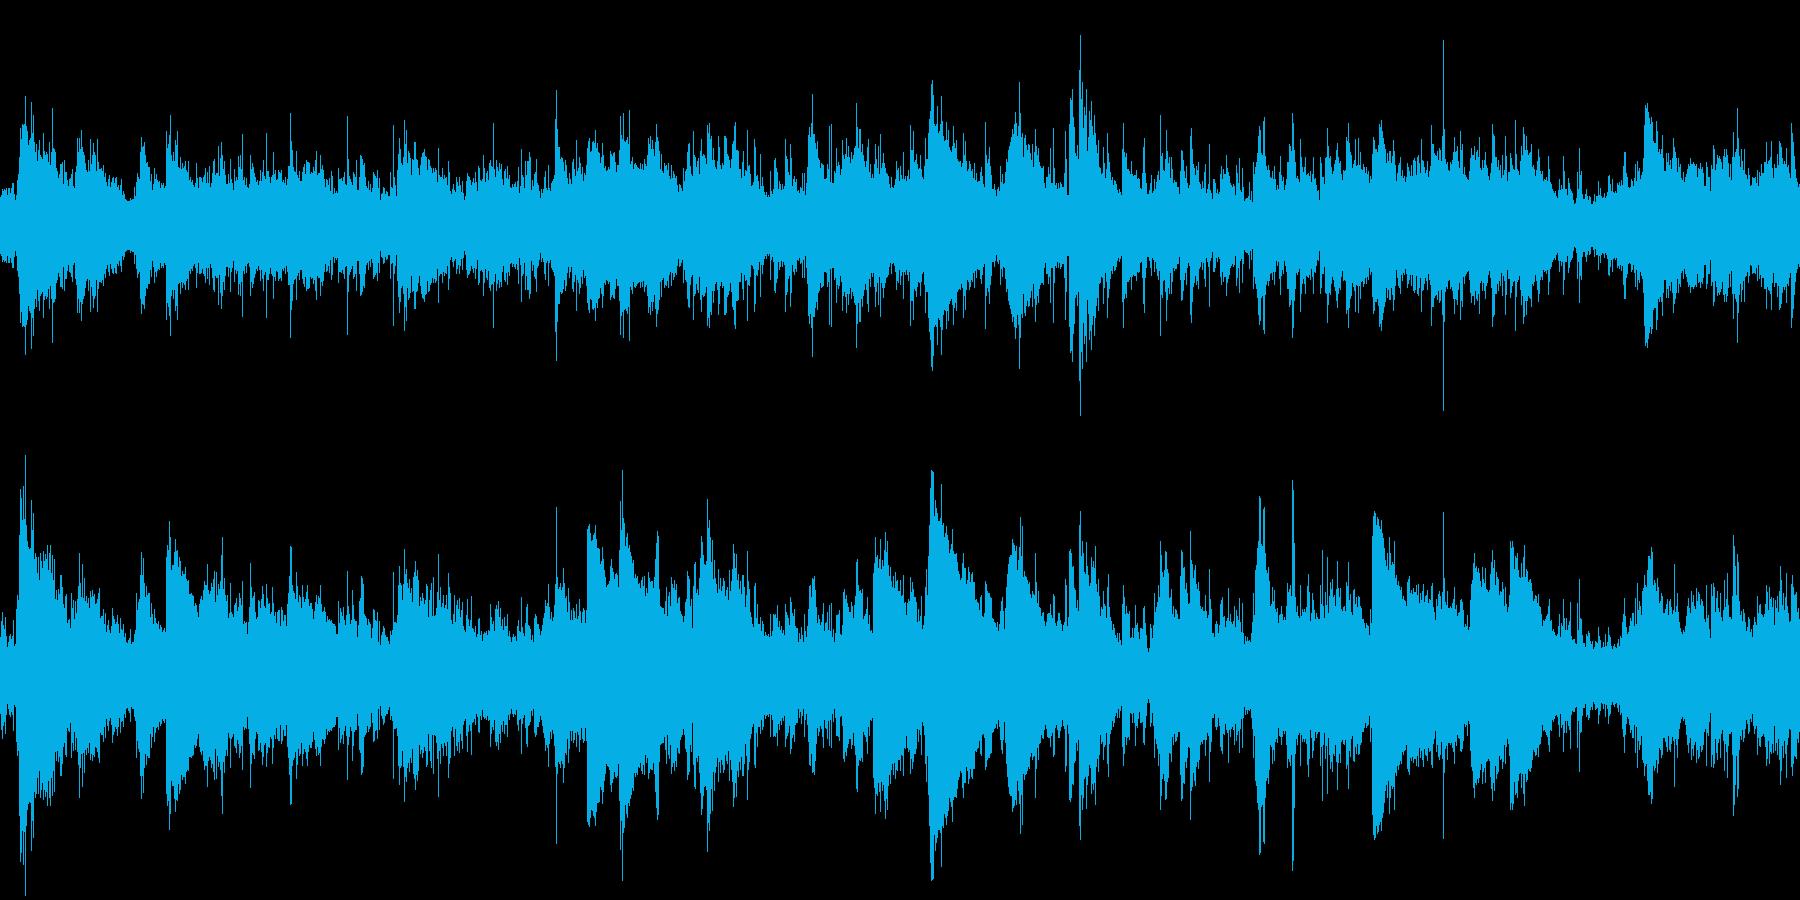 水琴窟の水滴・ヘルムホルツ共鳴:ループ可の再生済みの波形